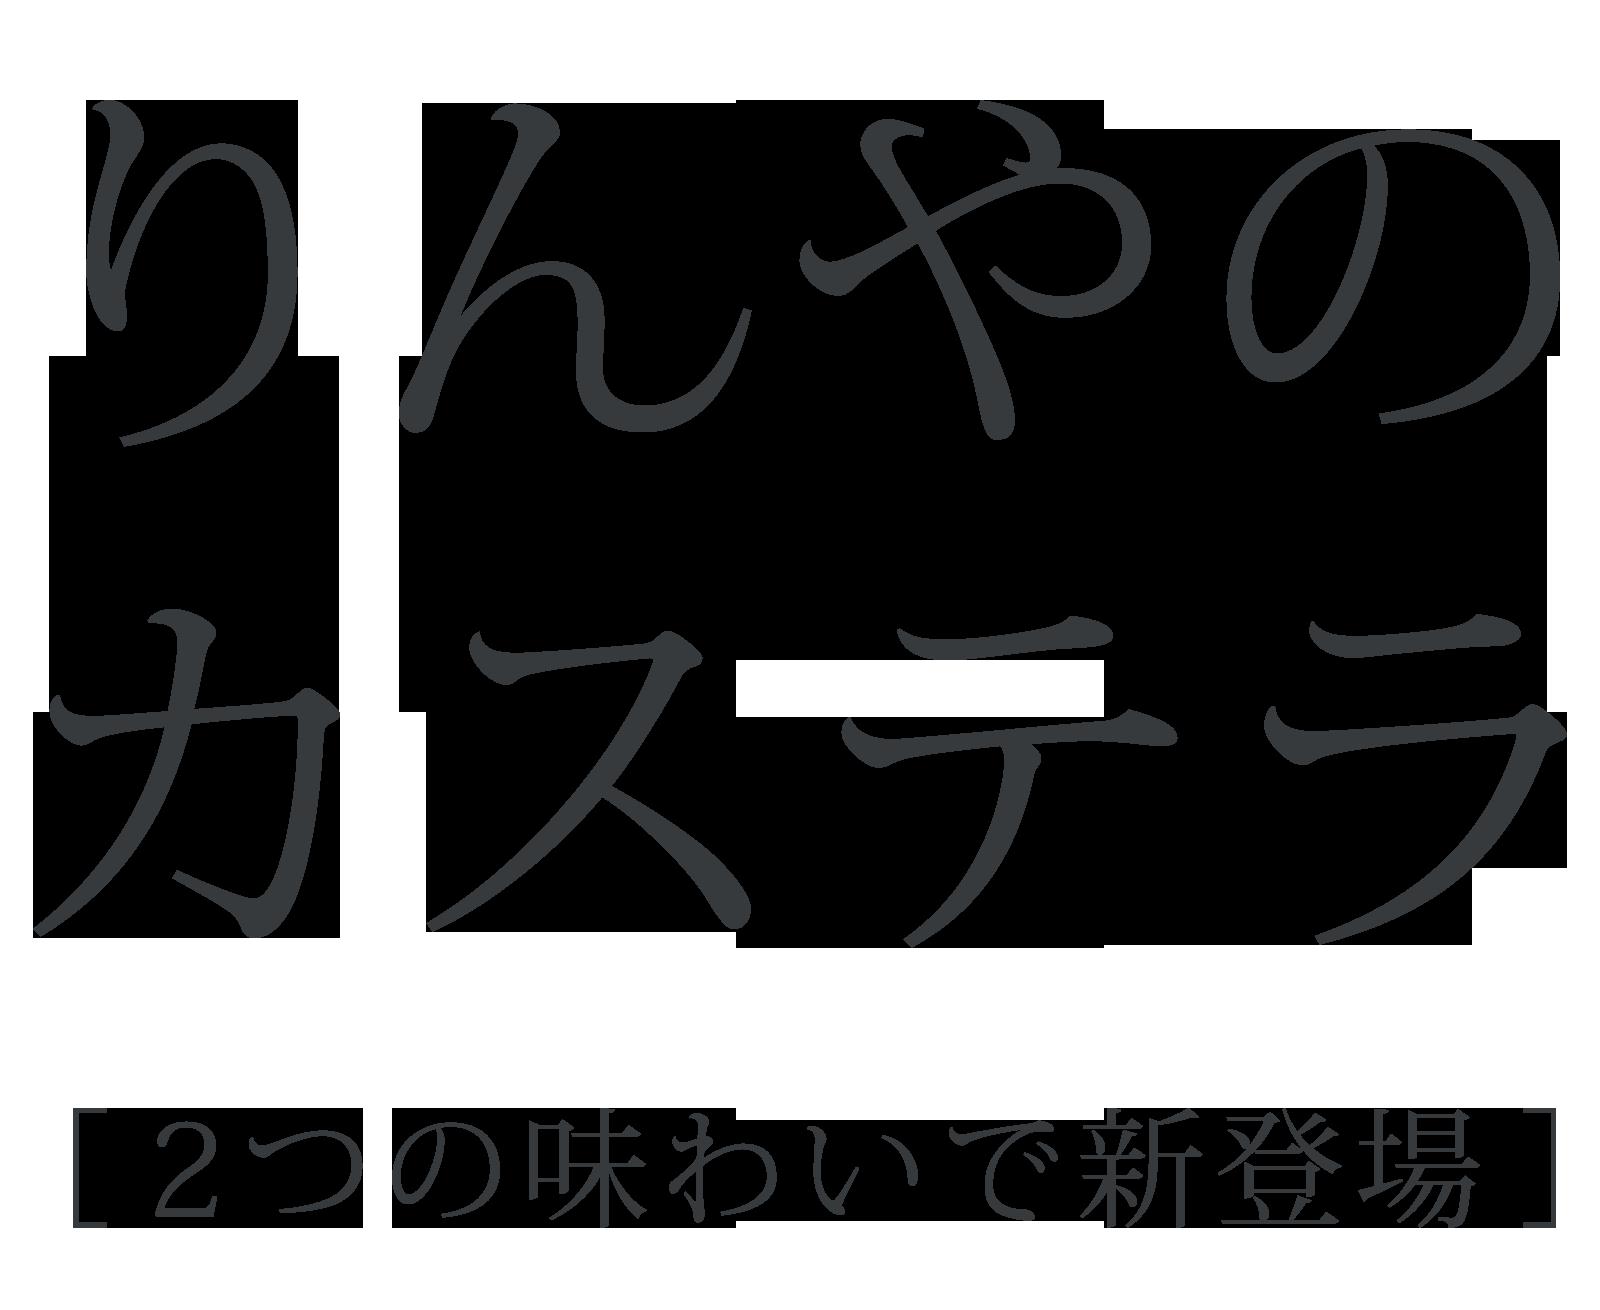 「石川米のカステラ」と「加賀の紅茶カステラ」